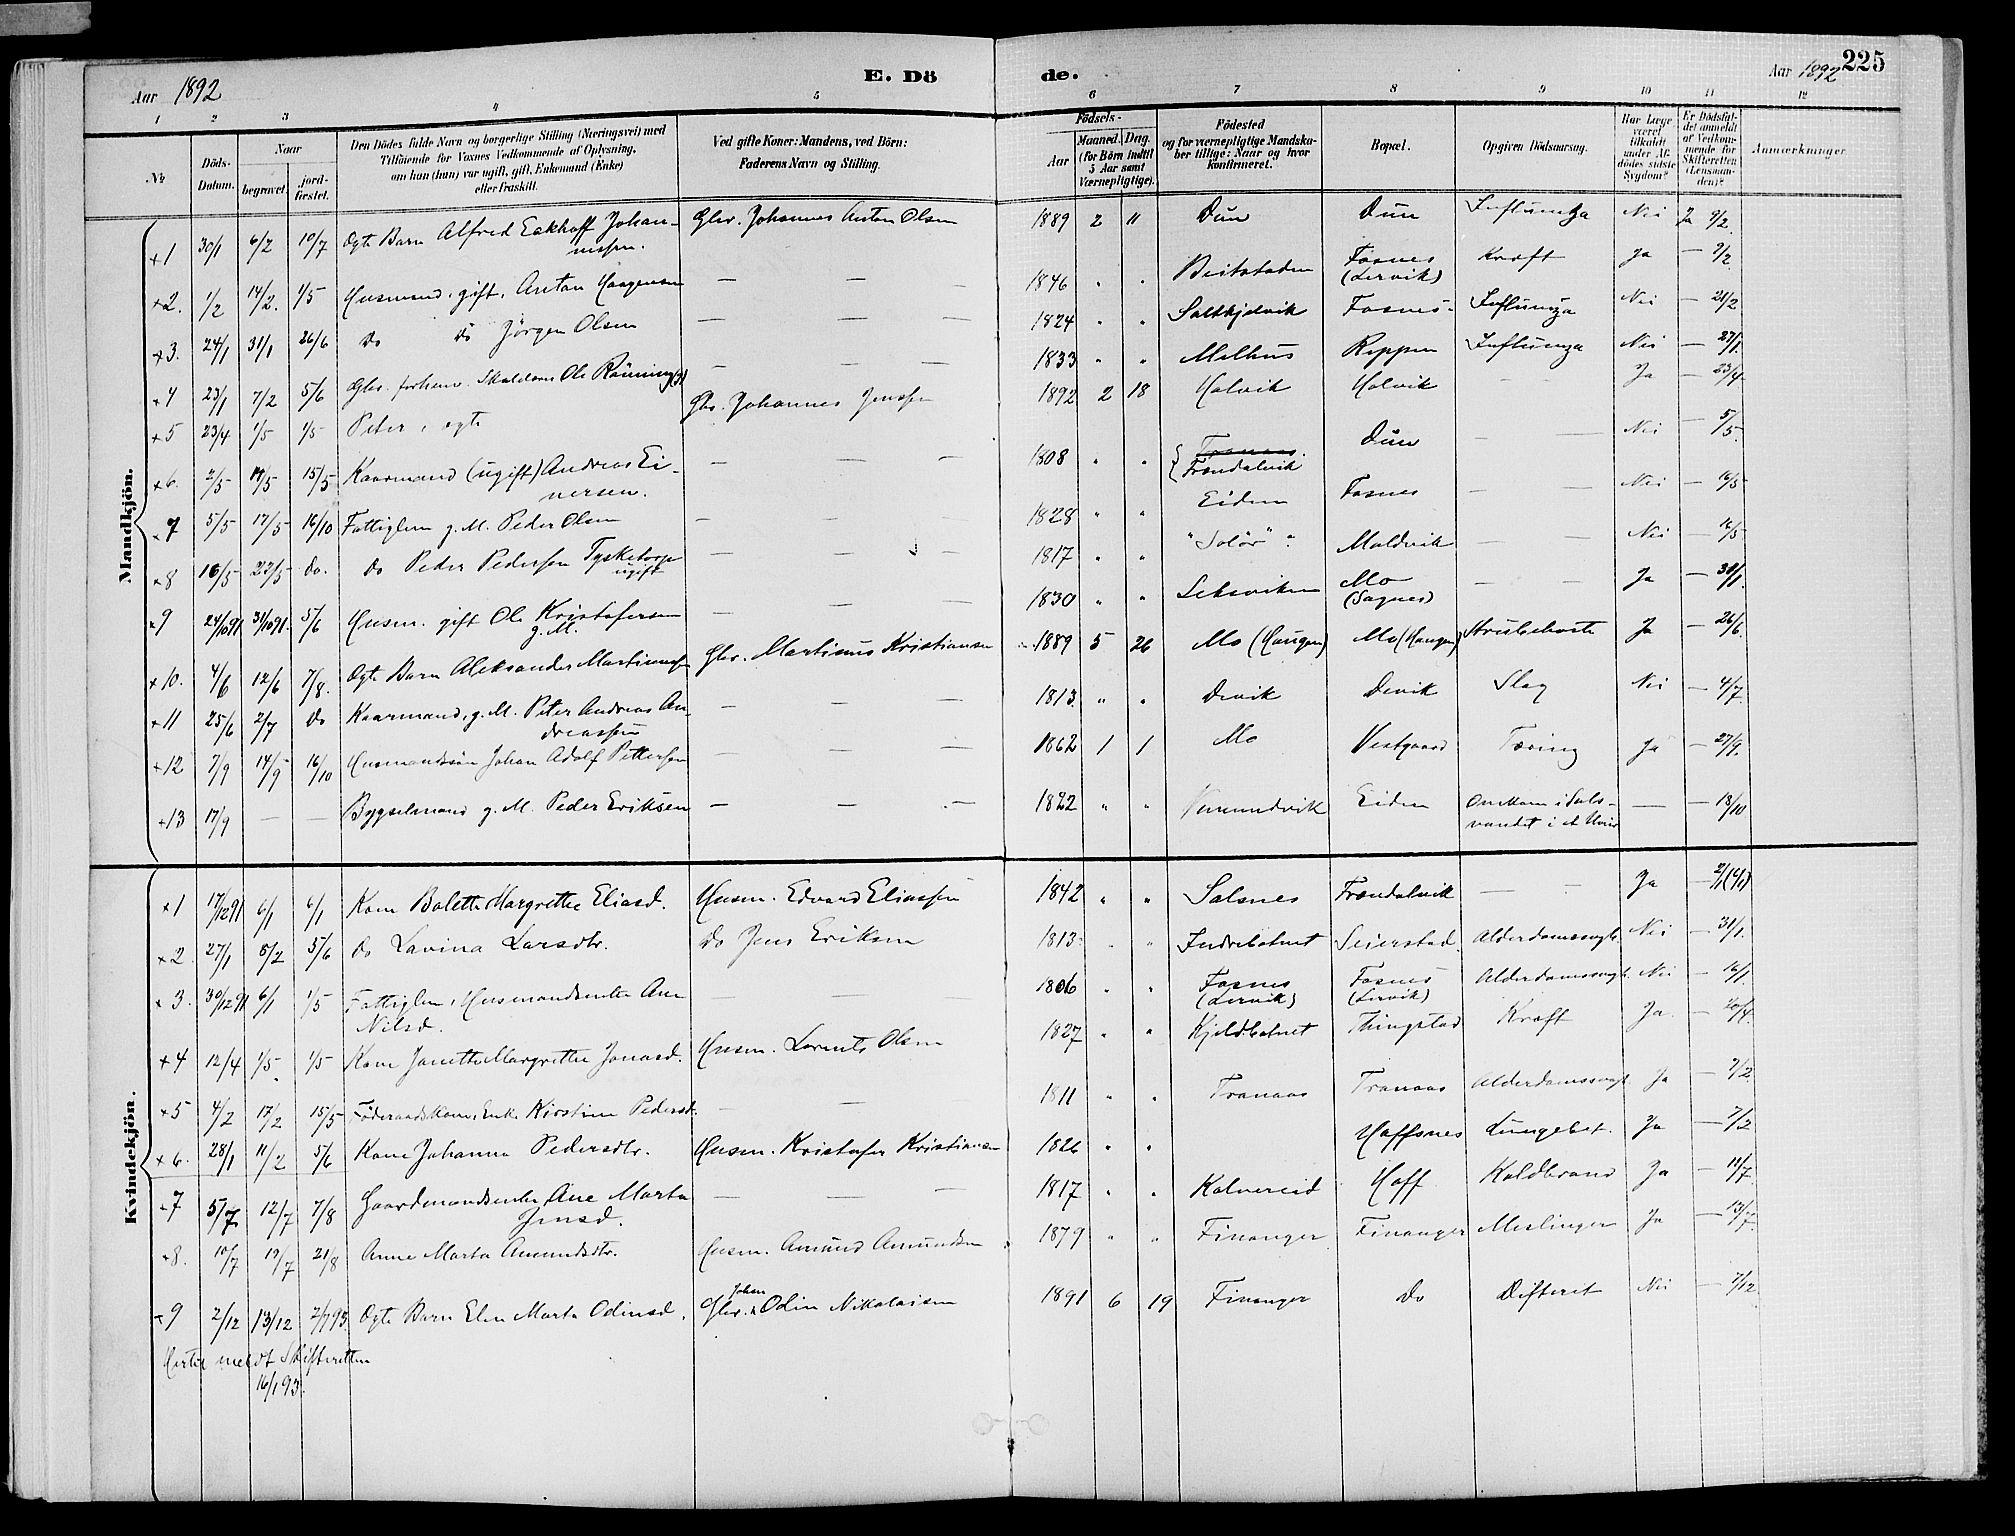 SAT, Ministerialprotokoller, klokkerbøker og fødselsregistre - Nord-Trøndelag, 773/L0617: Ministerialbok nr. 773A08, 1887-1910, s. 225